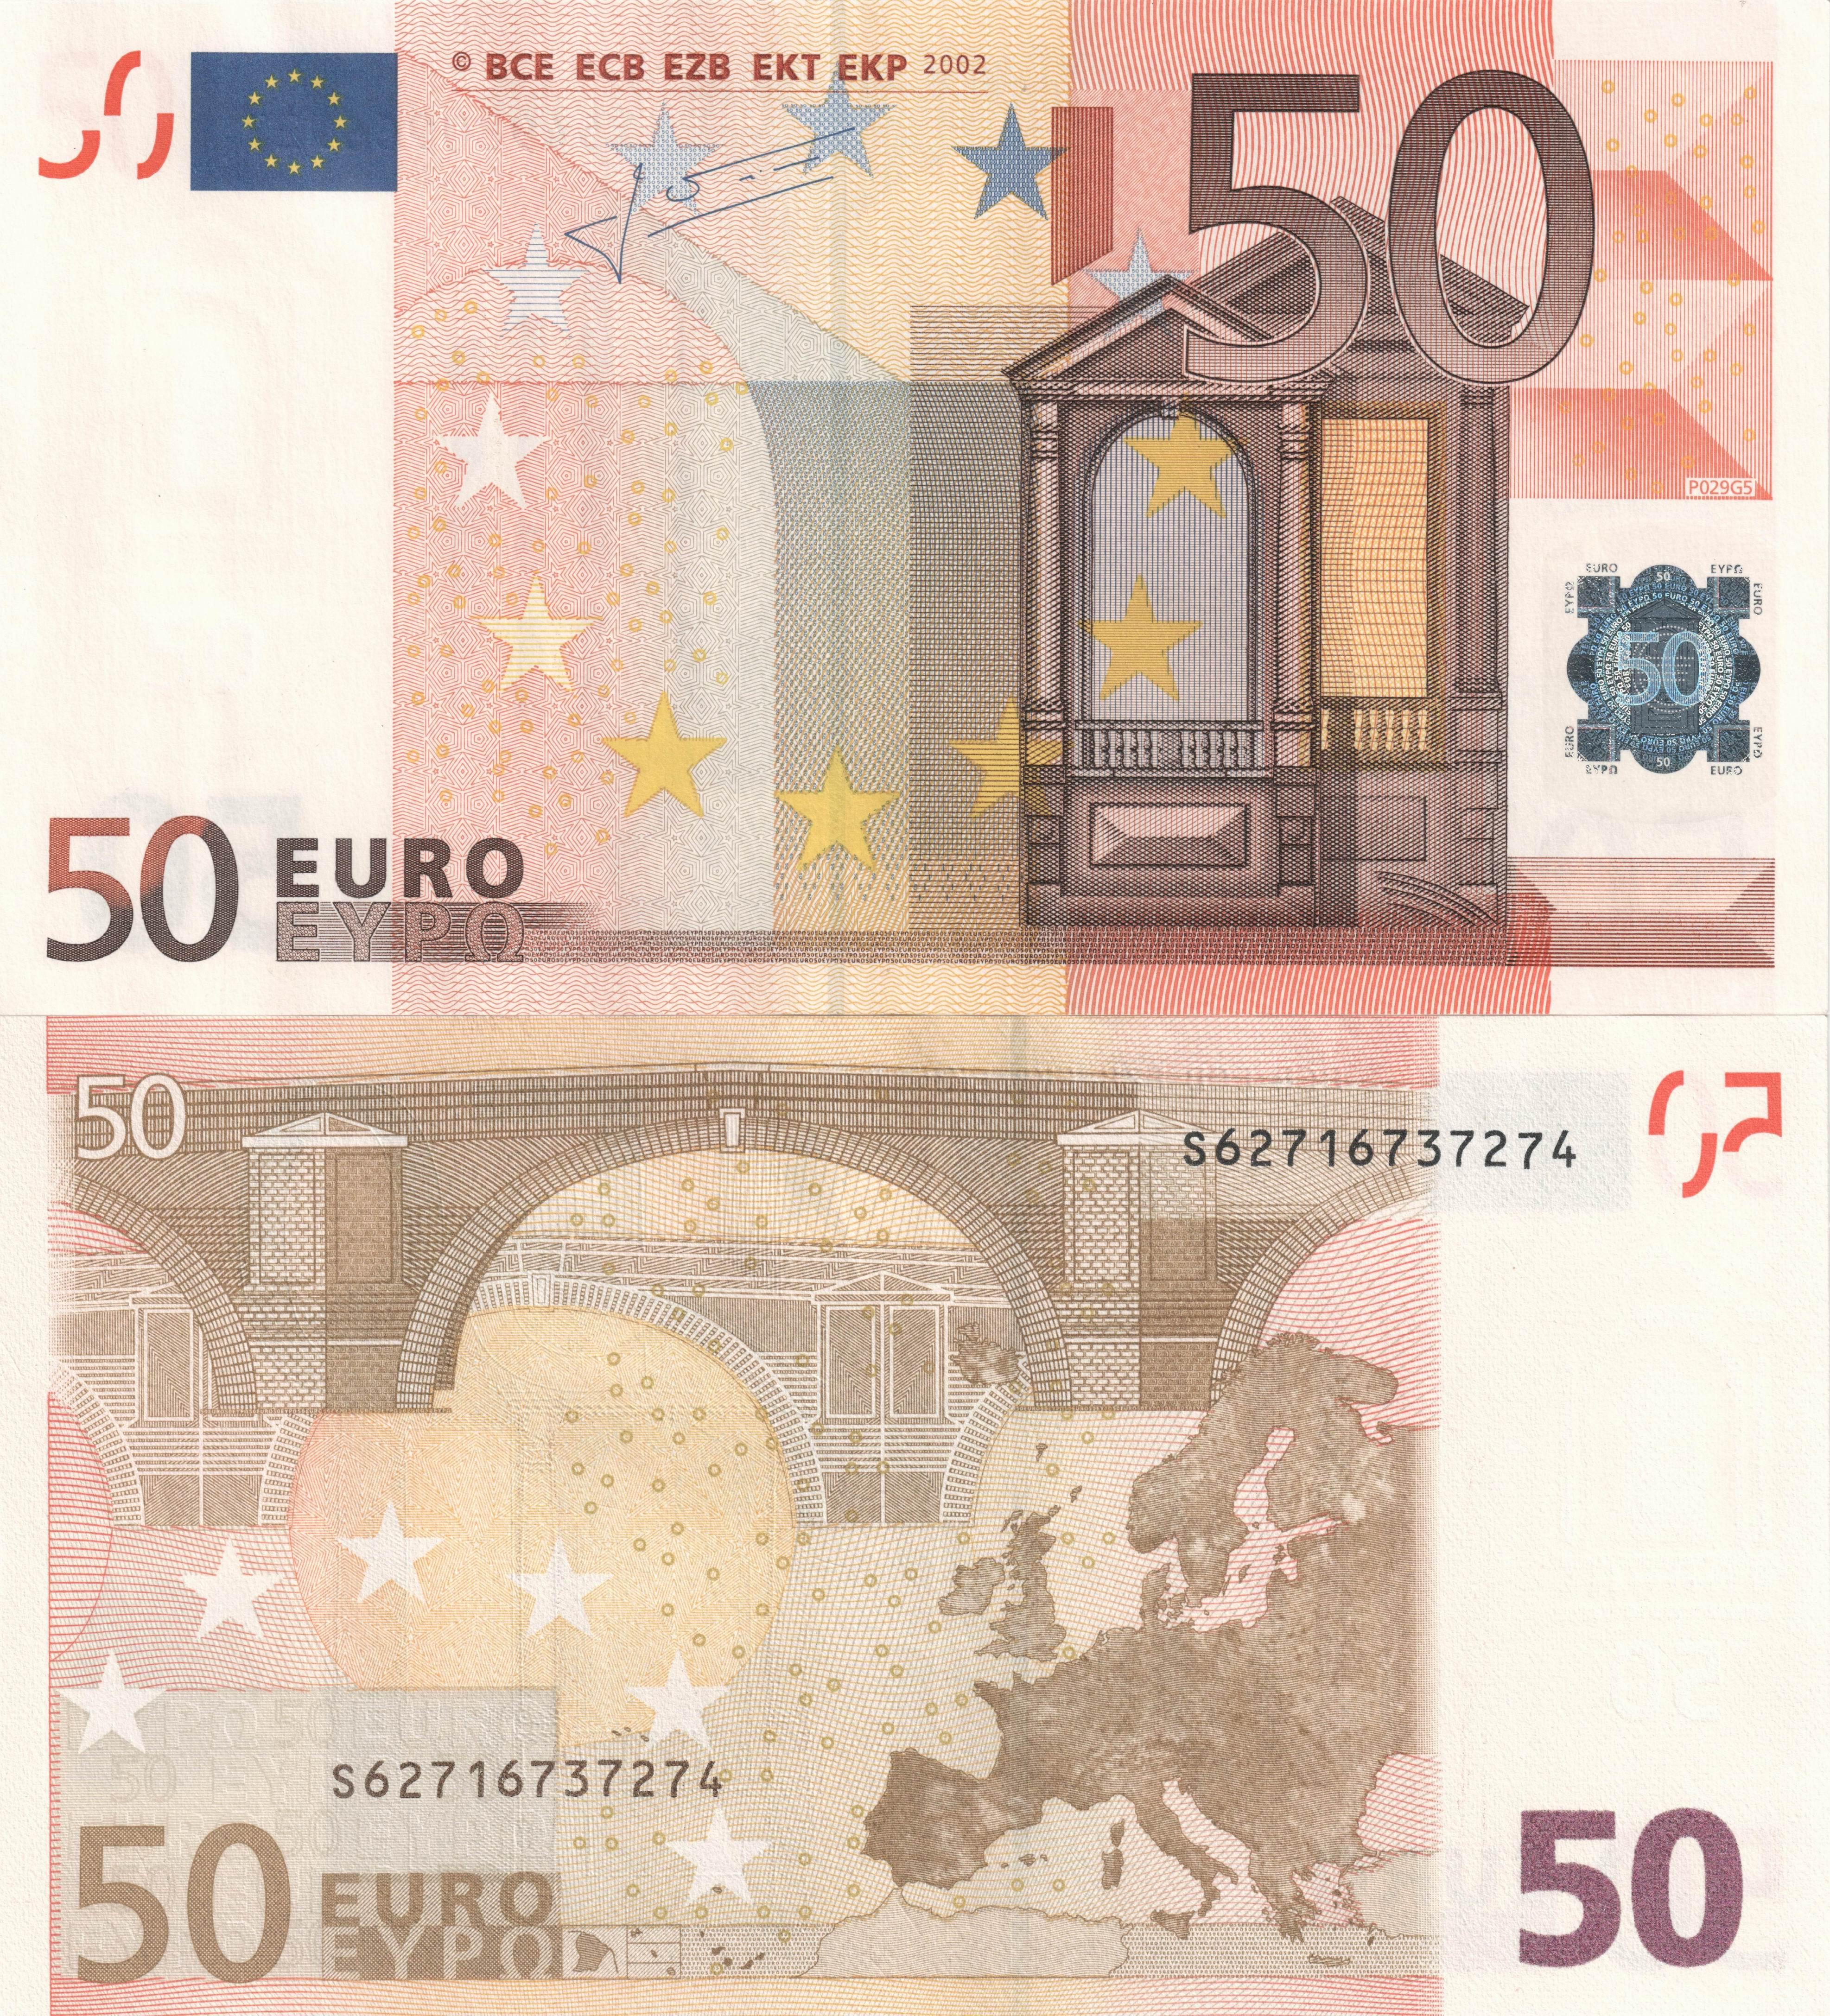 fonds d 39 ecran monnaie billet de banque euro t l charger photo. Black Bedroom Furniture Sets. Home Design Ideas